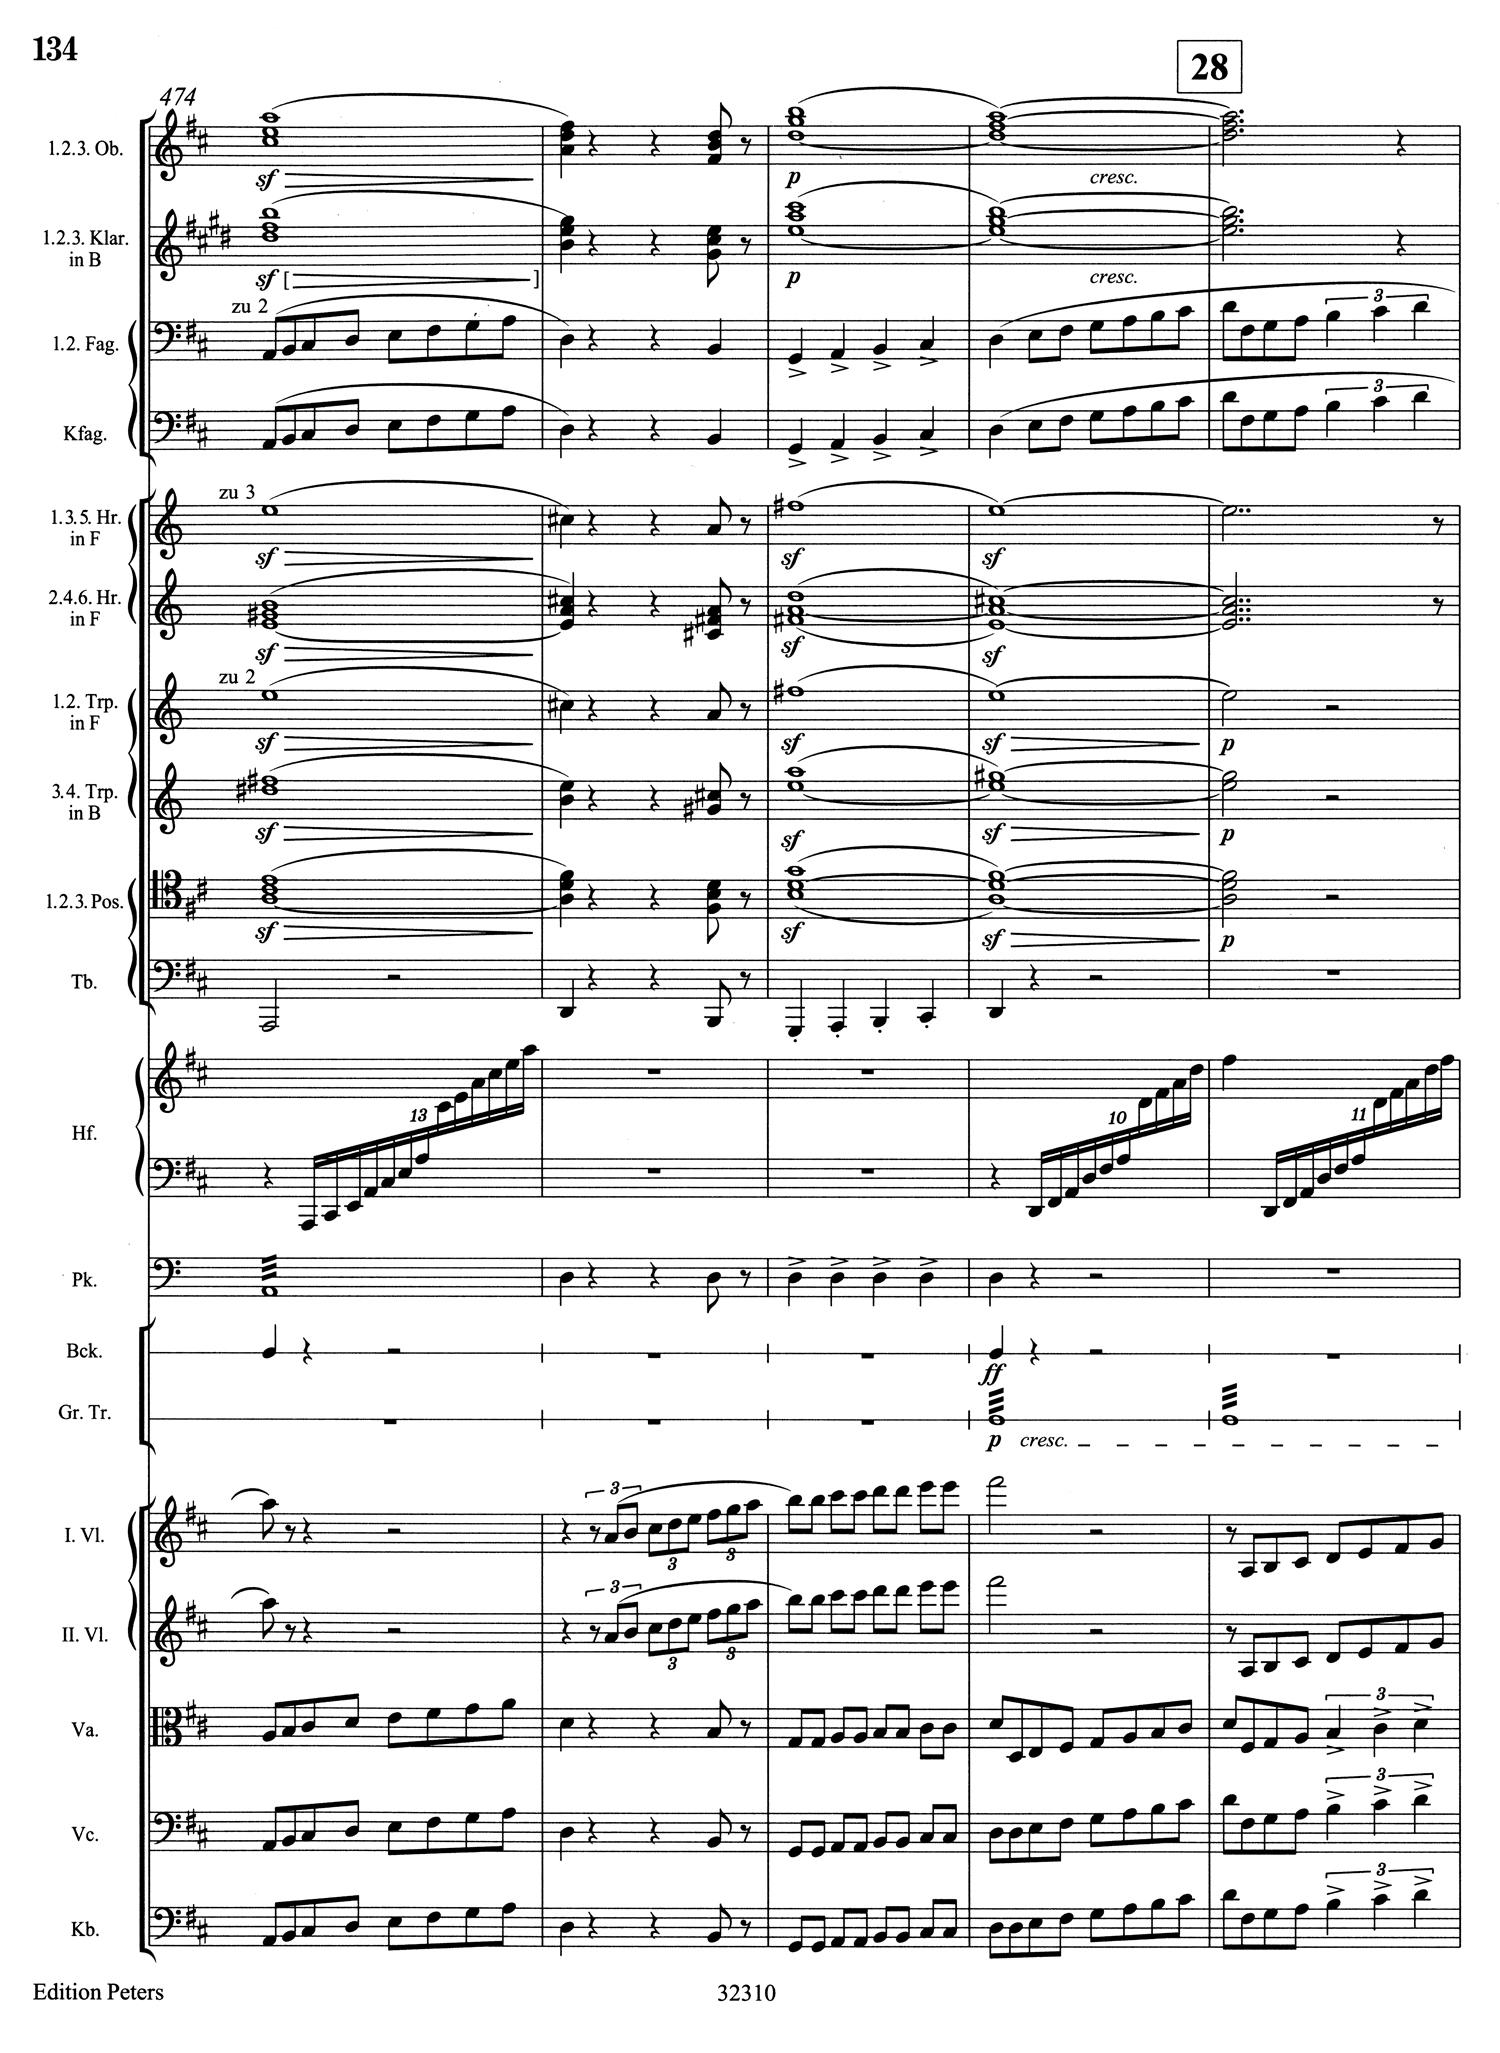 Mahler 5 Score 9.jpg